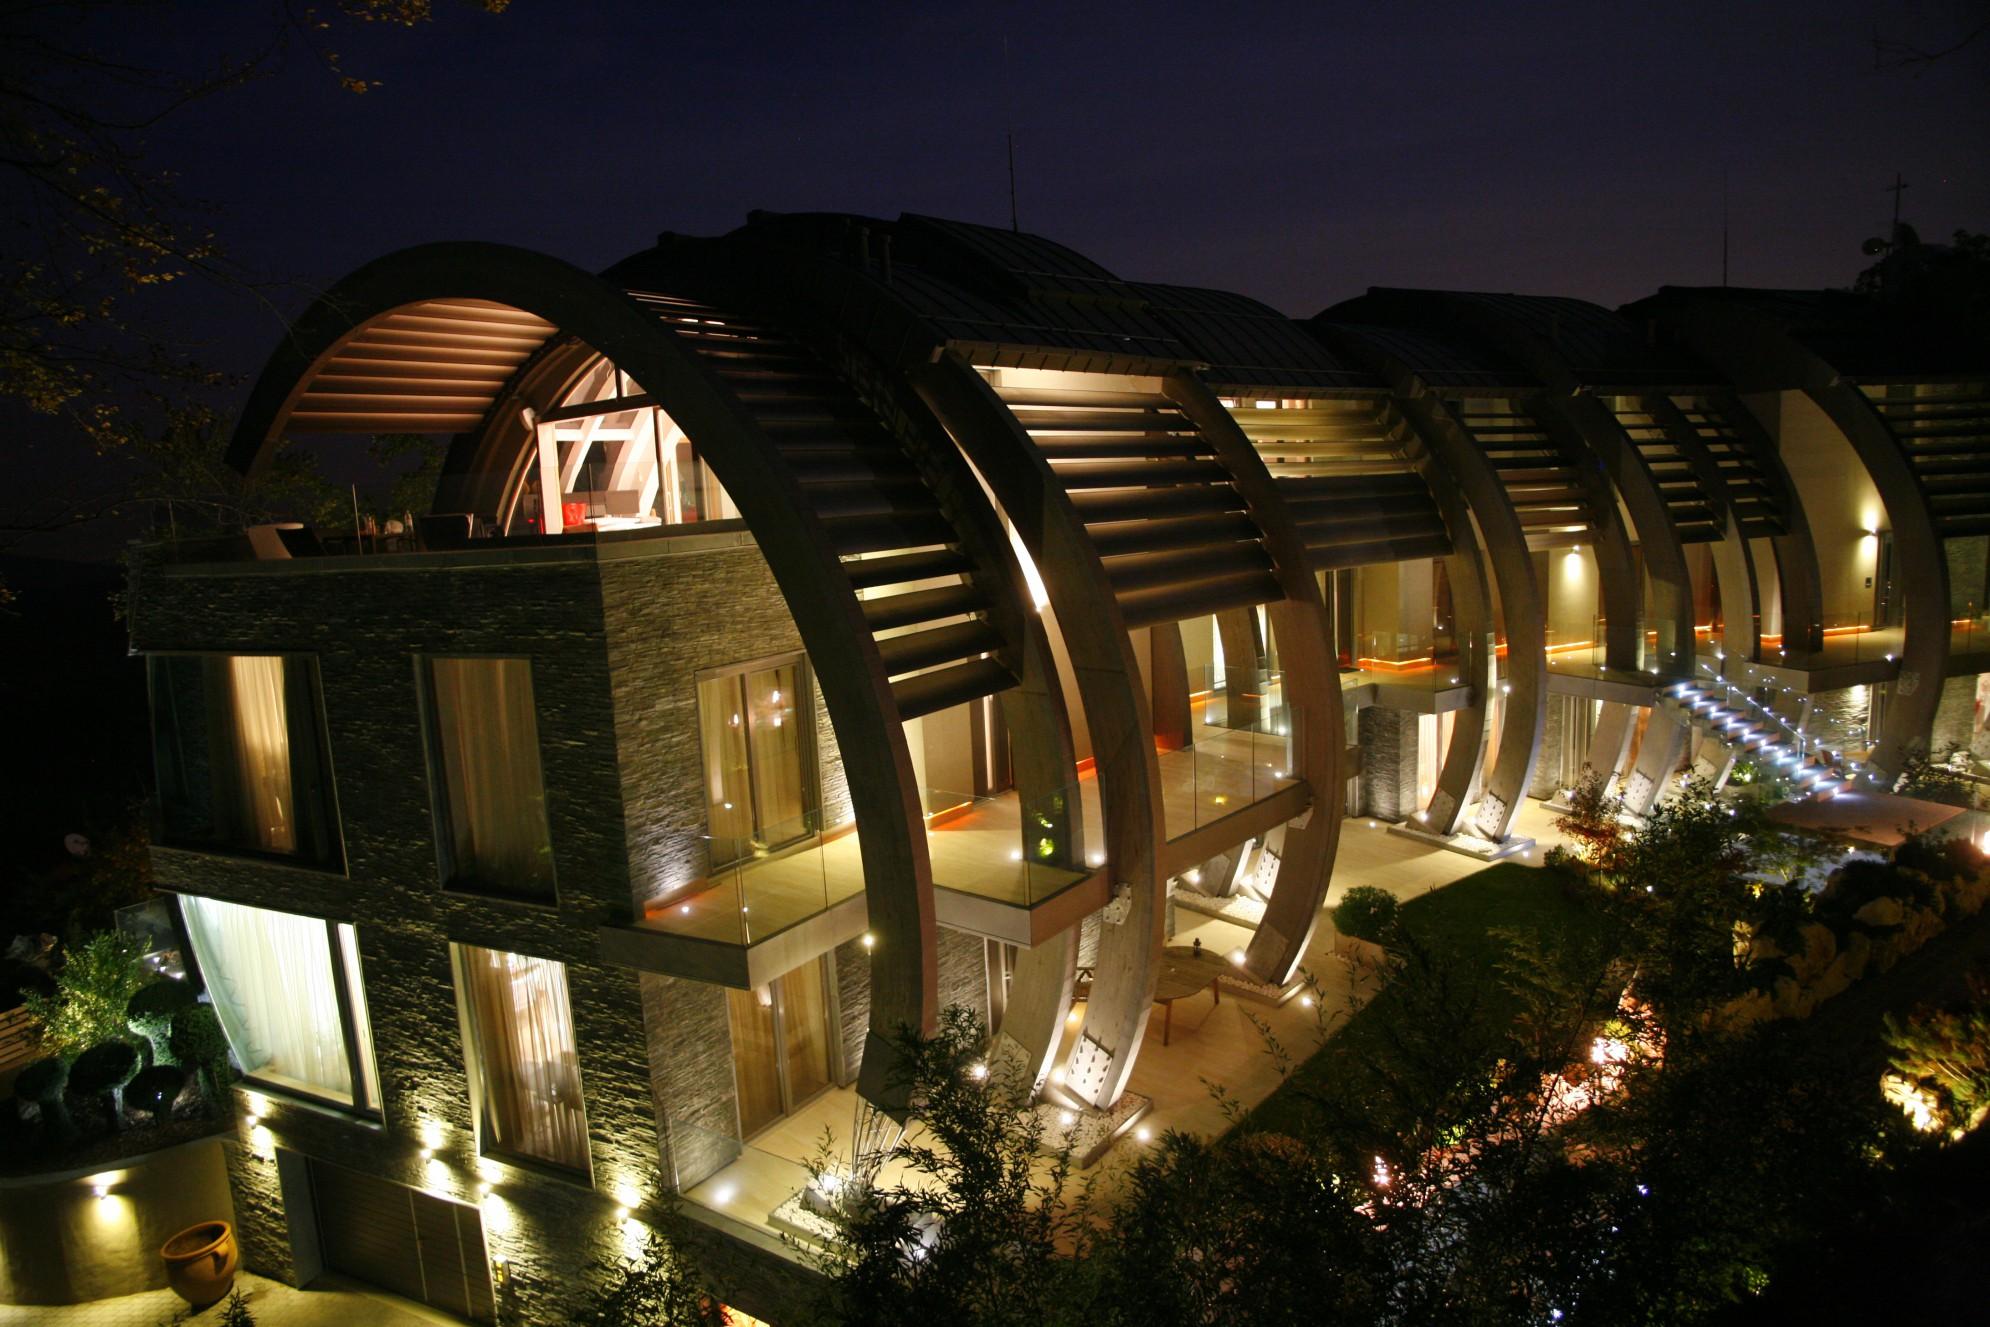 Edificio in serpentino (Ungheria) della Valmalenco